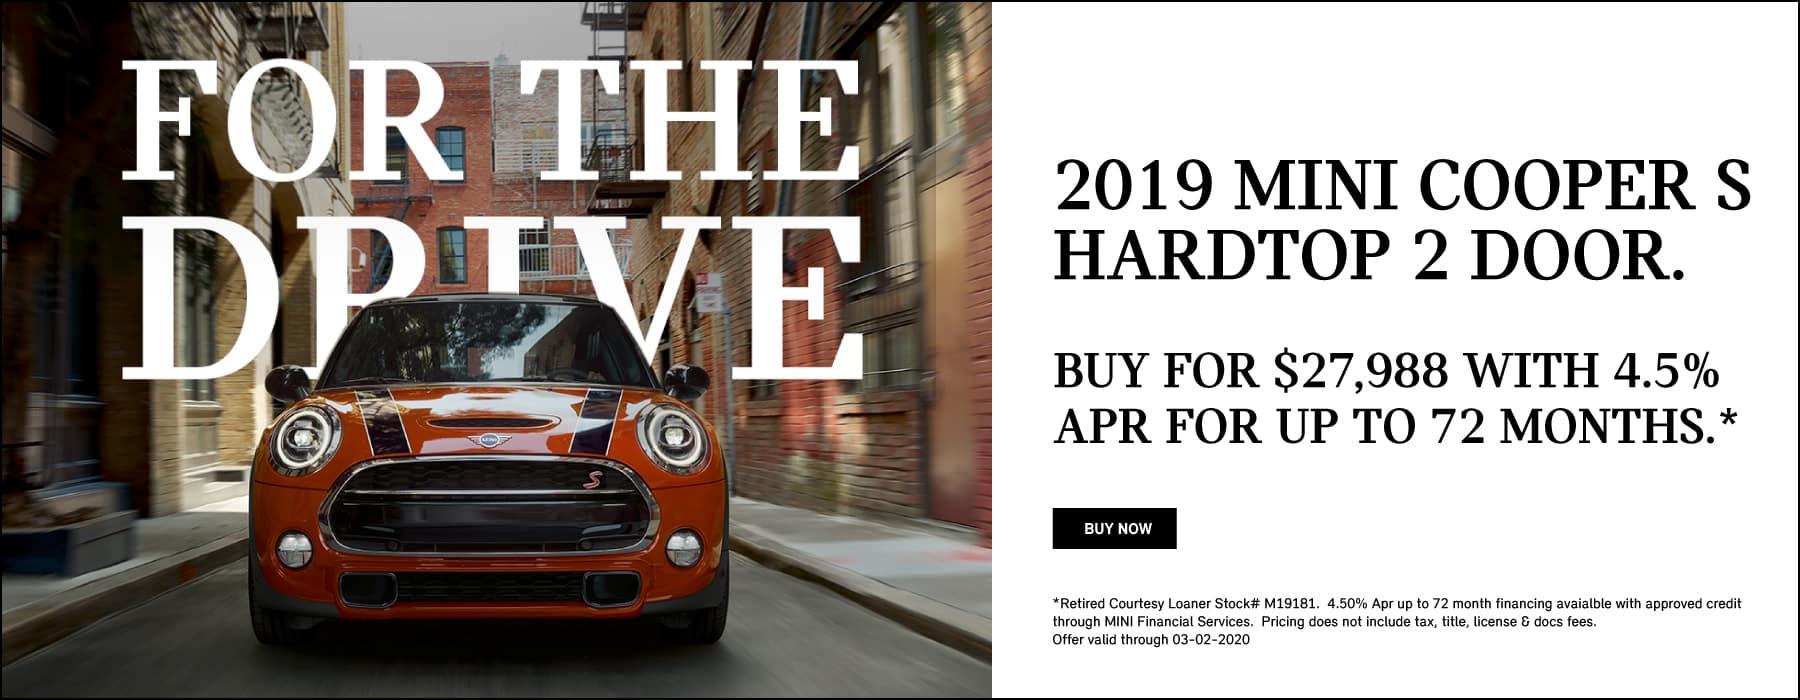 2019 MINI Cooper S Hardtop 2 Door Iconic Buy for $27,988 savings of $6,972